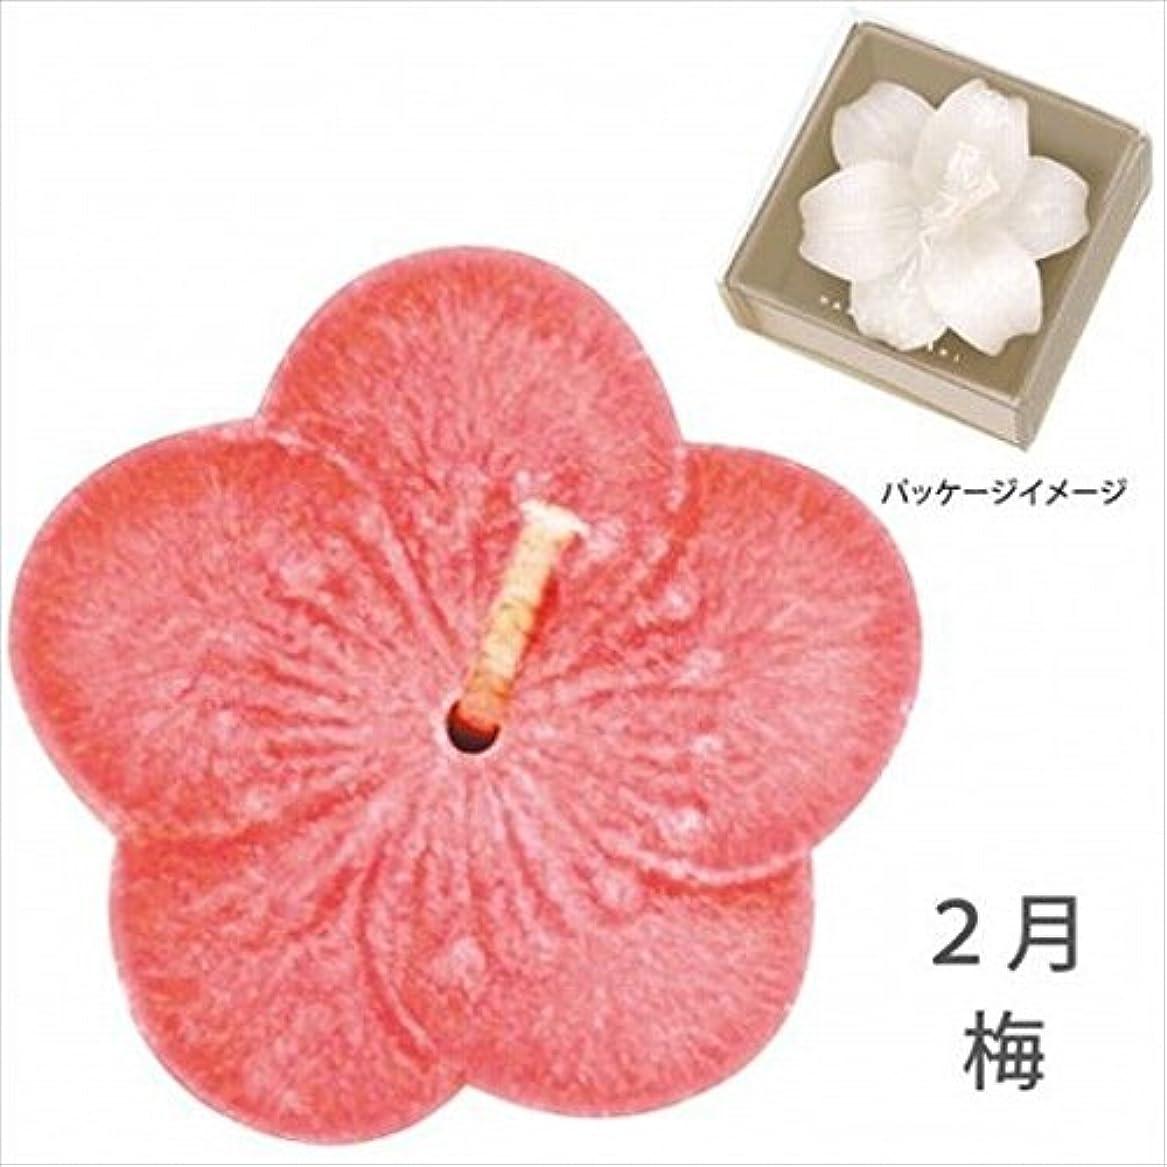 抑止するオーバードロー夕方kameyama candle(カメヤマキャンドル) 花づくし(植物性) 梅 「 梅(2月) 」 キャンドル(A4620550)